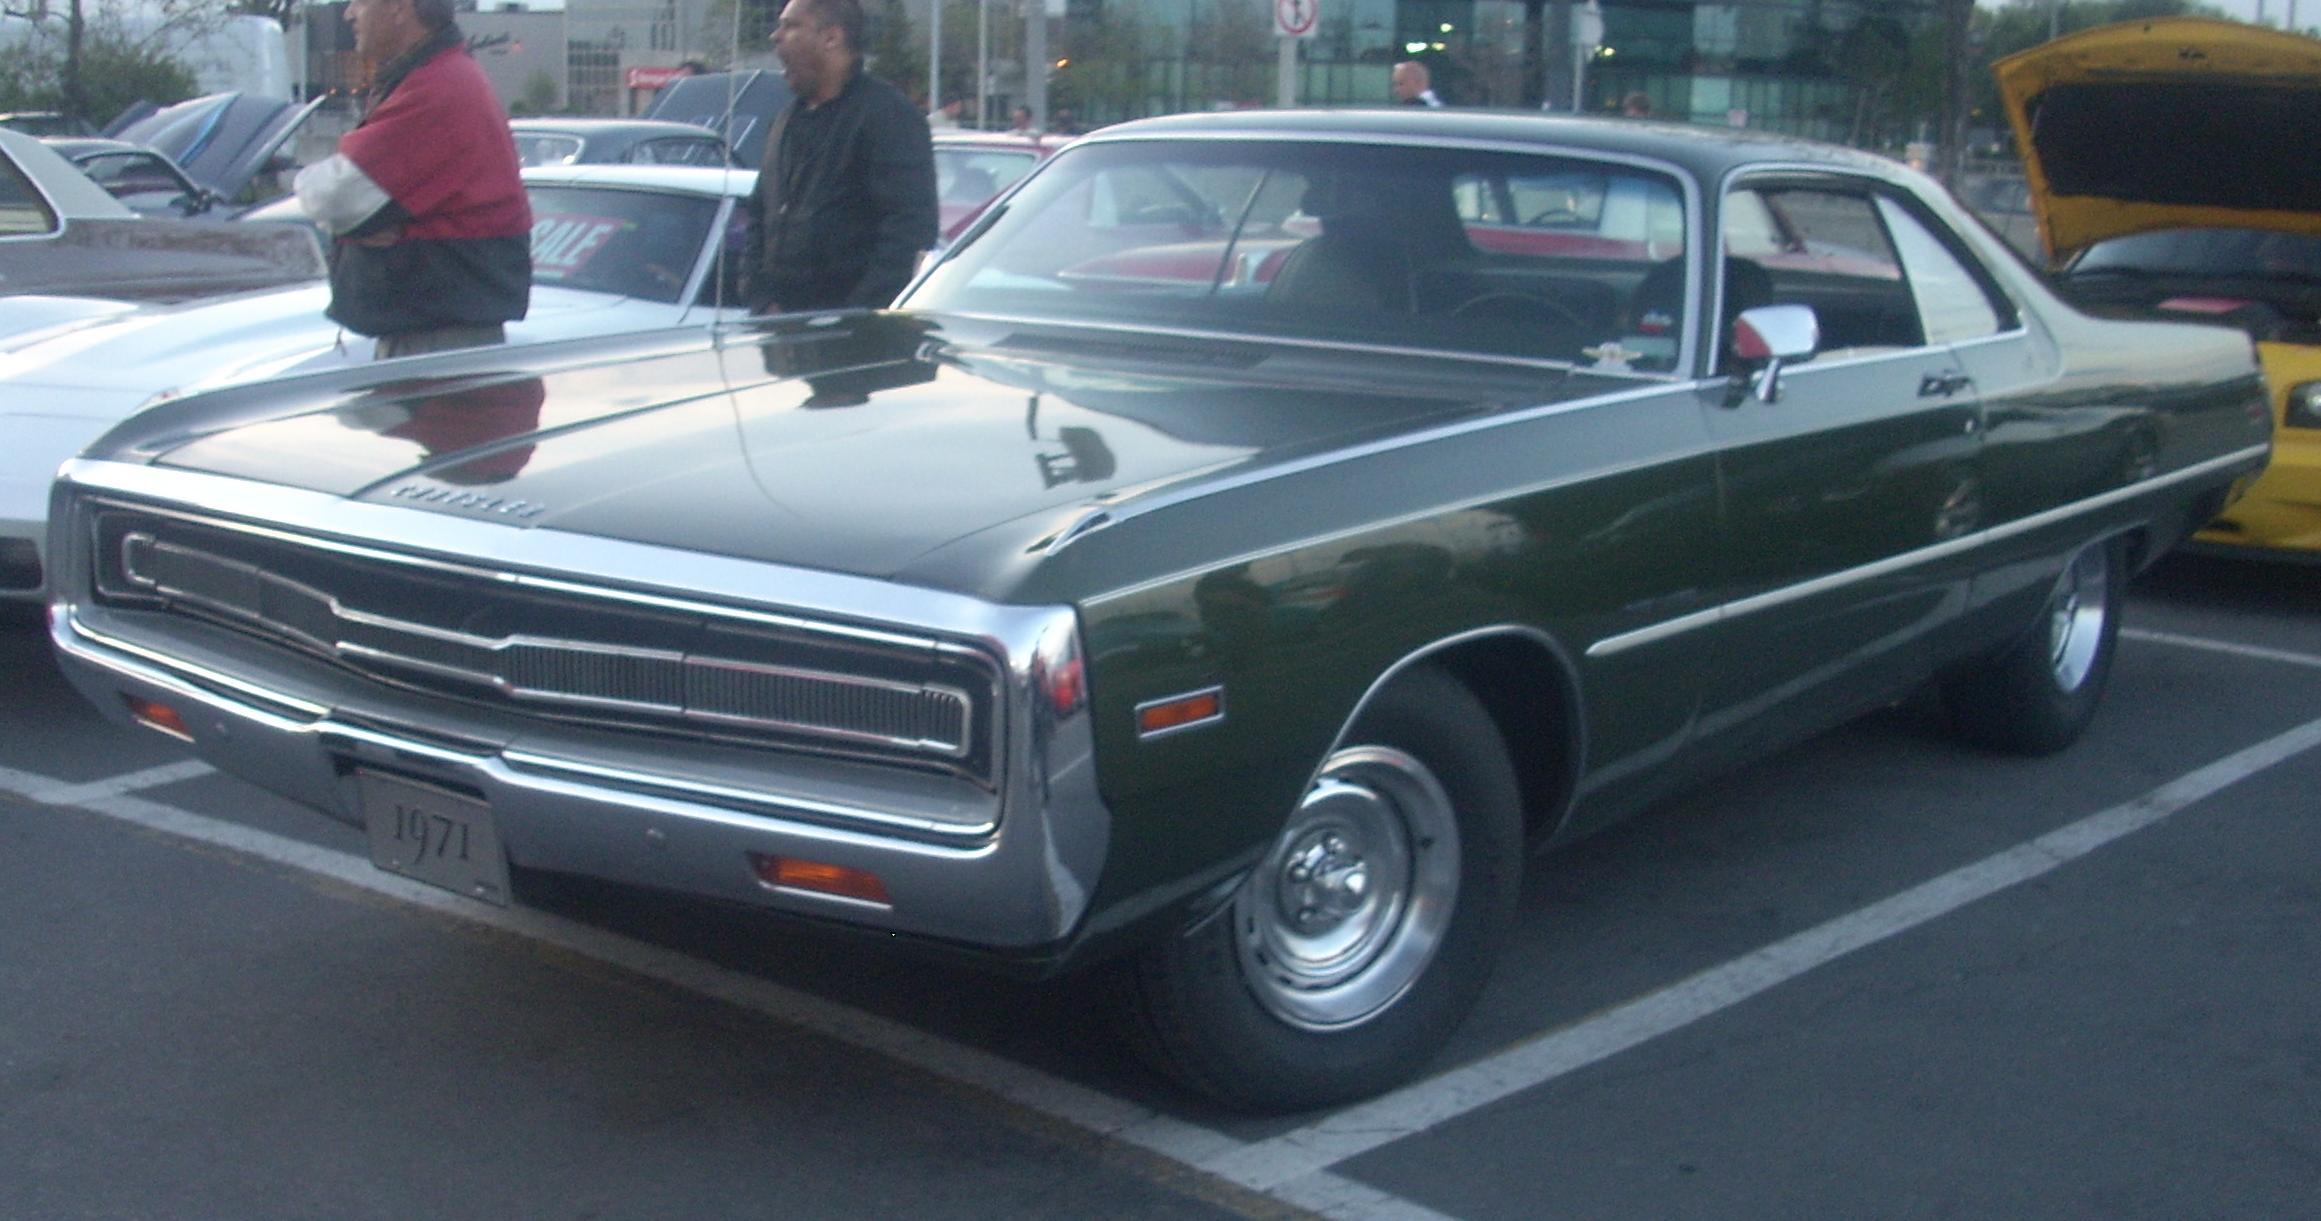 Chrysler 300 non letter series